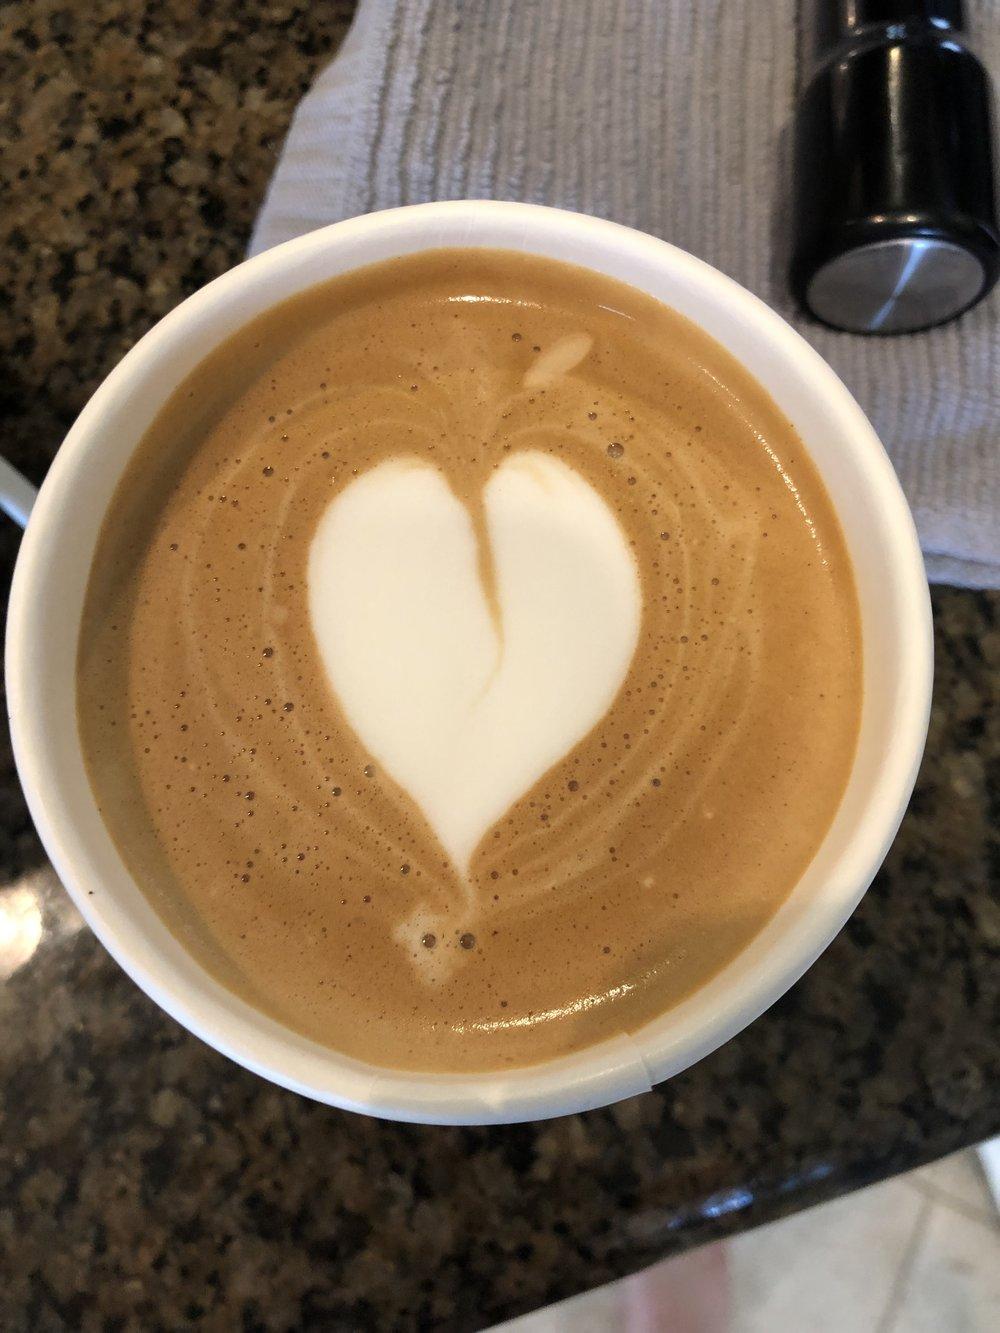 Brett Johnson/Latte Art